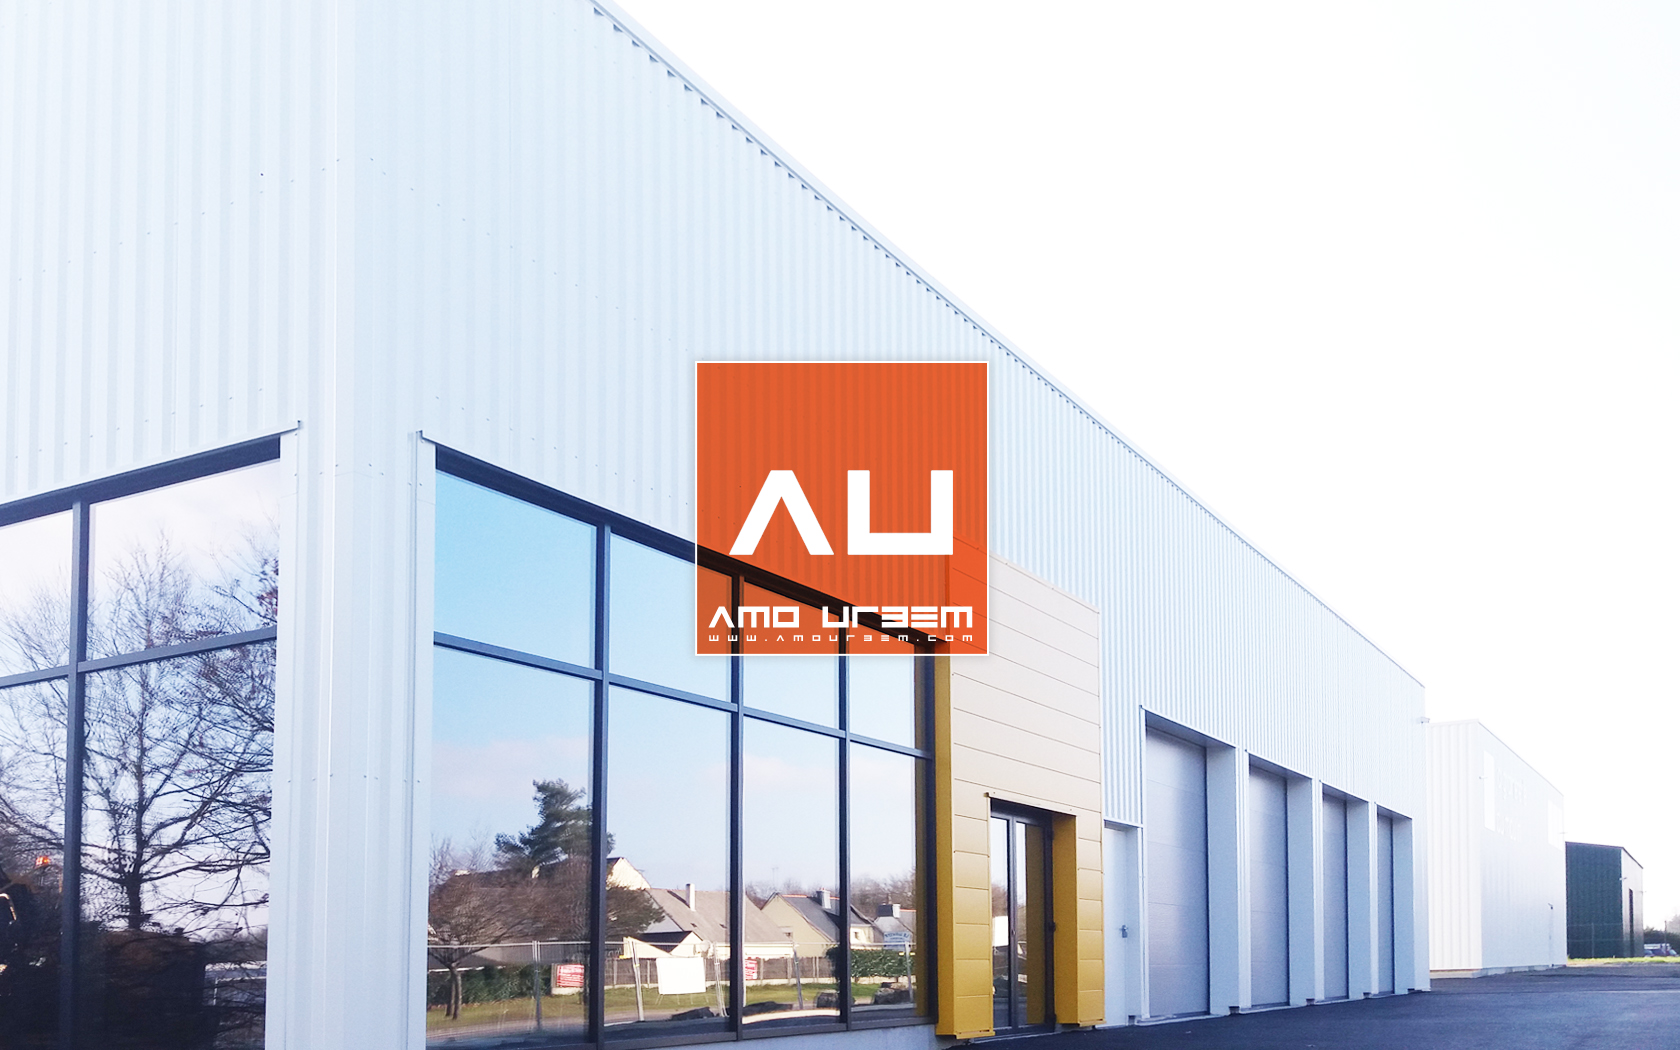 Amo_Urbem_Benoit_Guillou_Architecte_Garage_Renault_Graineterie_du_Moulin_La_Chapelle_Sur_Erdre